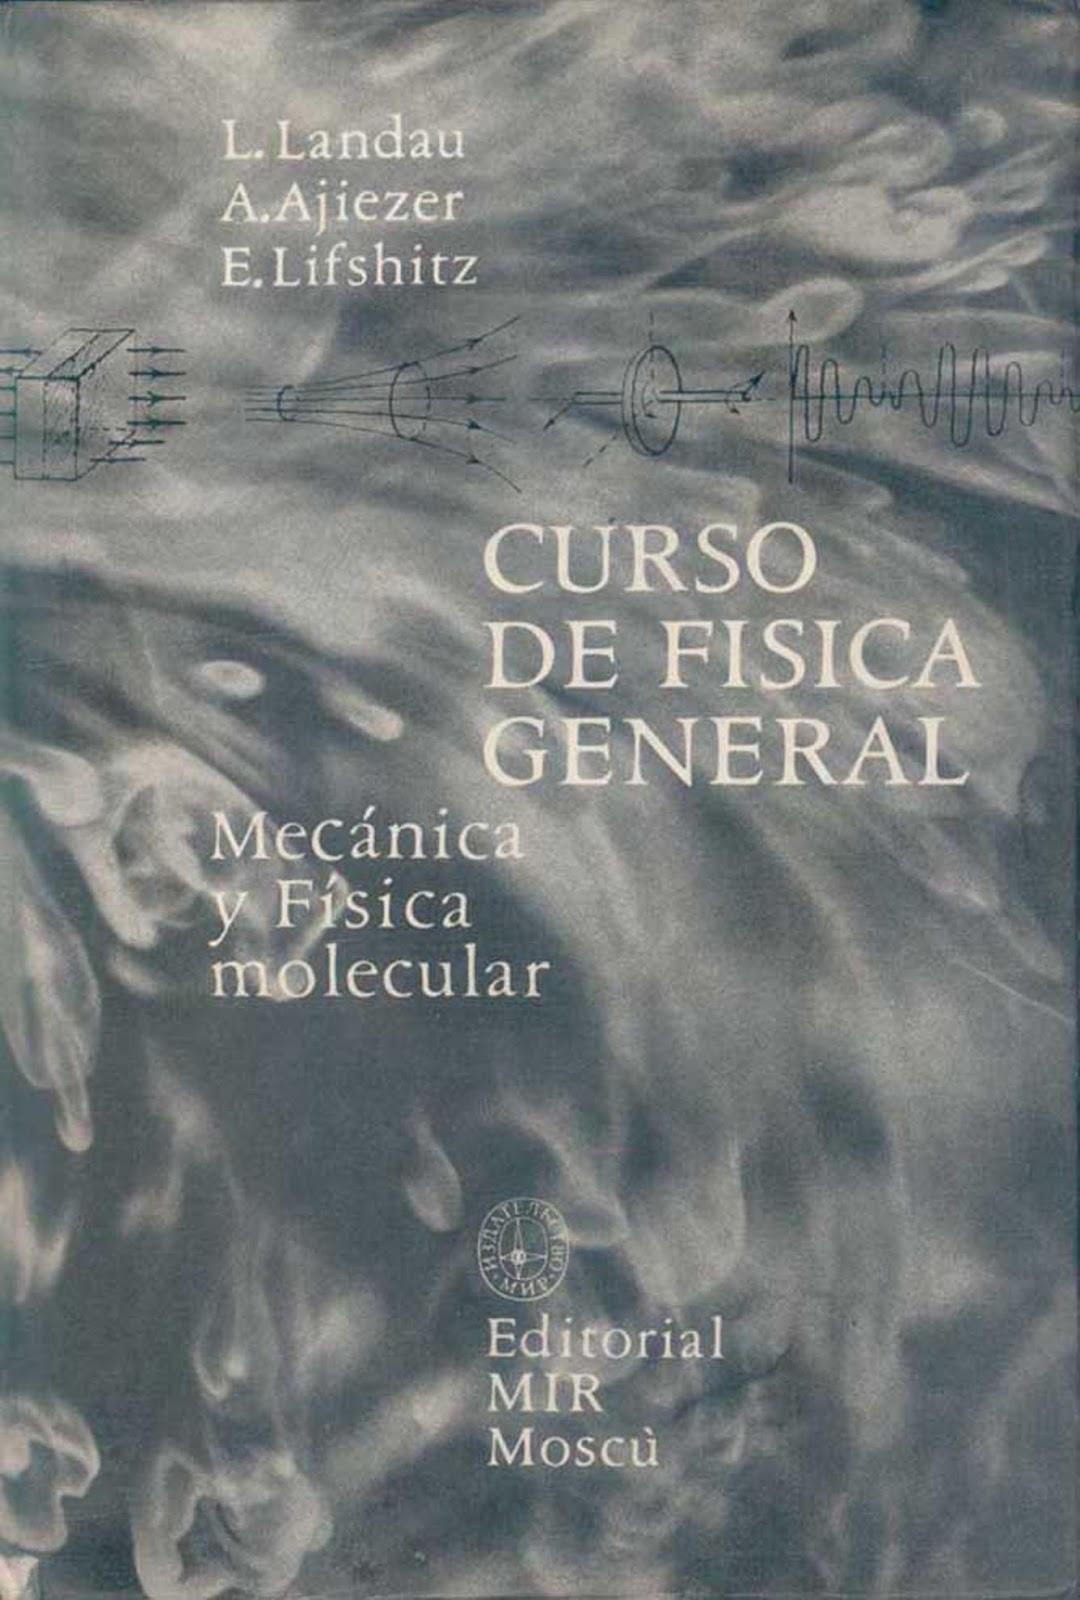 Curso de física general: Mecánica y Física molecular – L. Landau